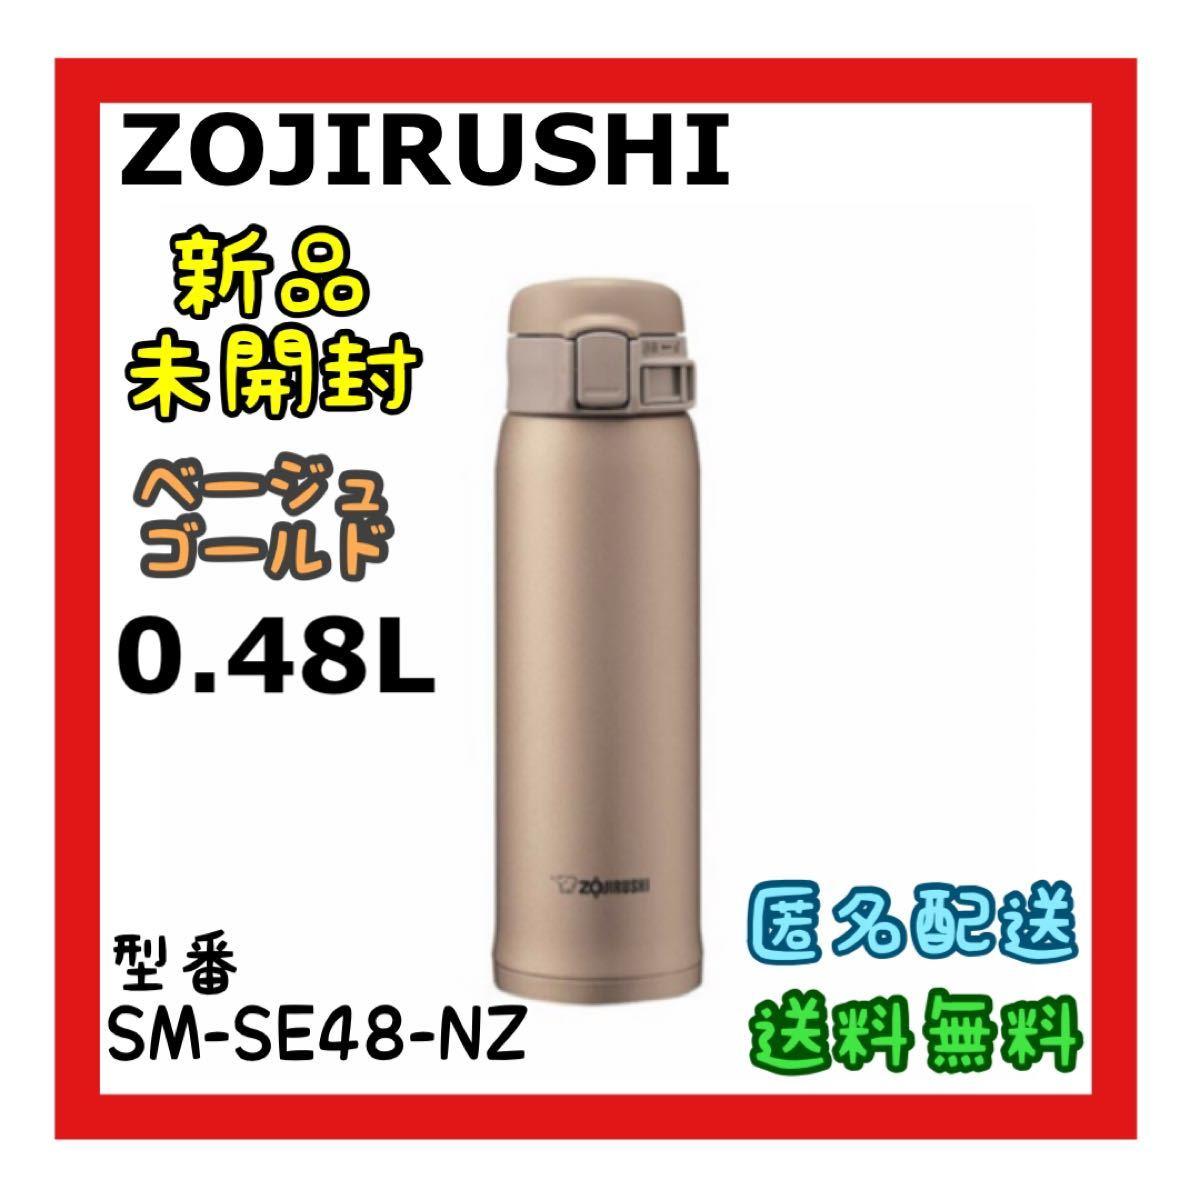 象印 ZOJIRUSHI マグボトル 水筒 480ml ステンレスマグ SM-SE48-BZ (D) 【ベージュゴールド】